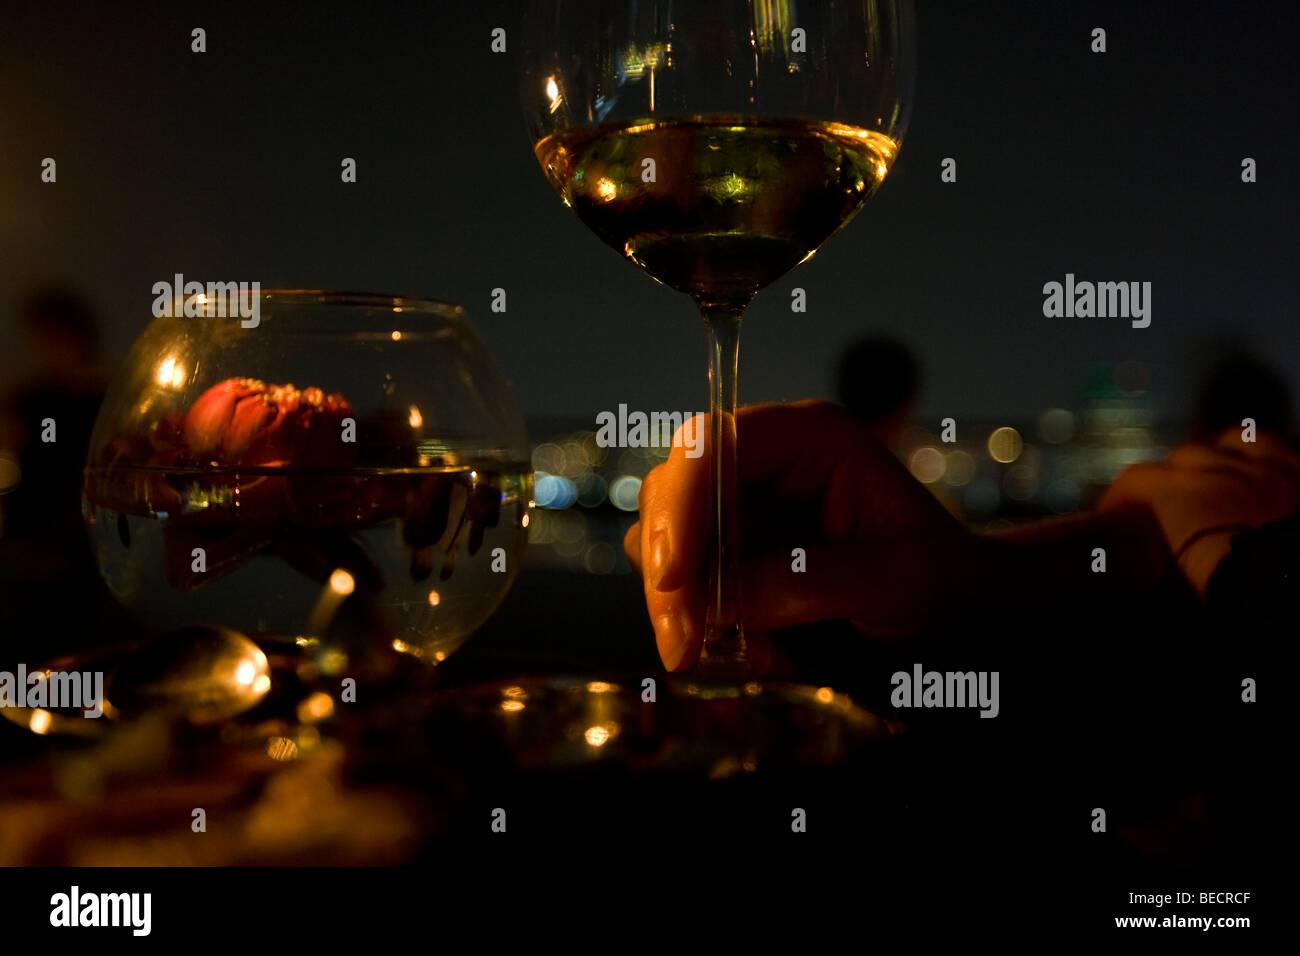 Holding a glass of white wine at Moon Bar Vertigo skybar Bangkok - Stock Image